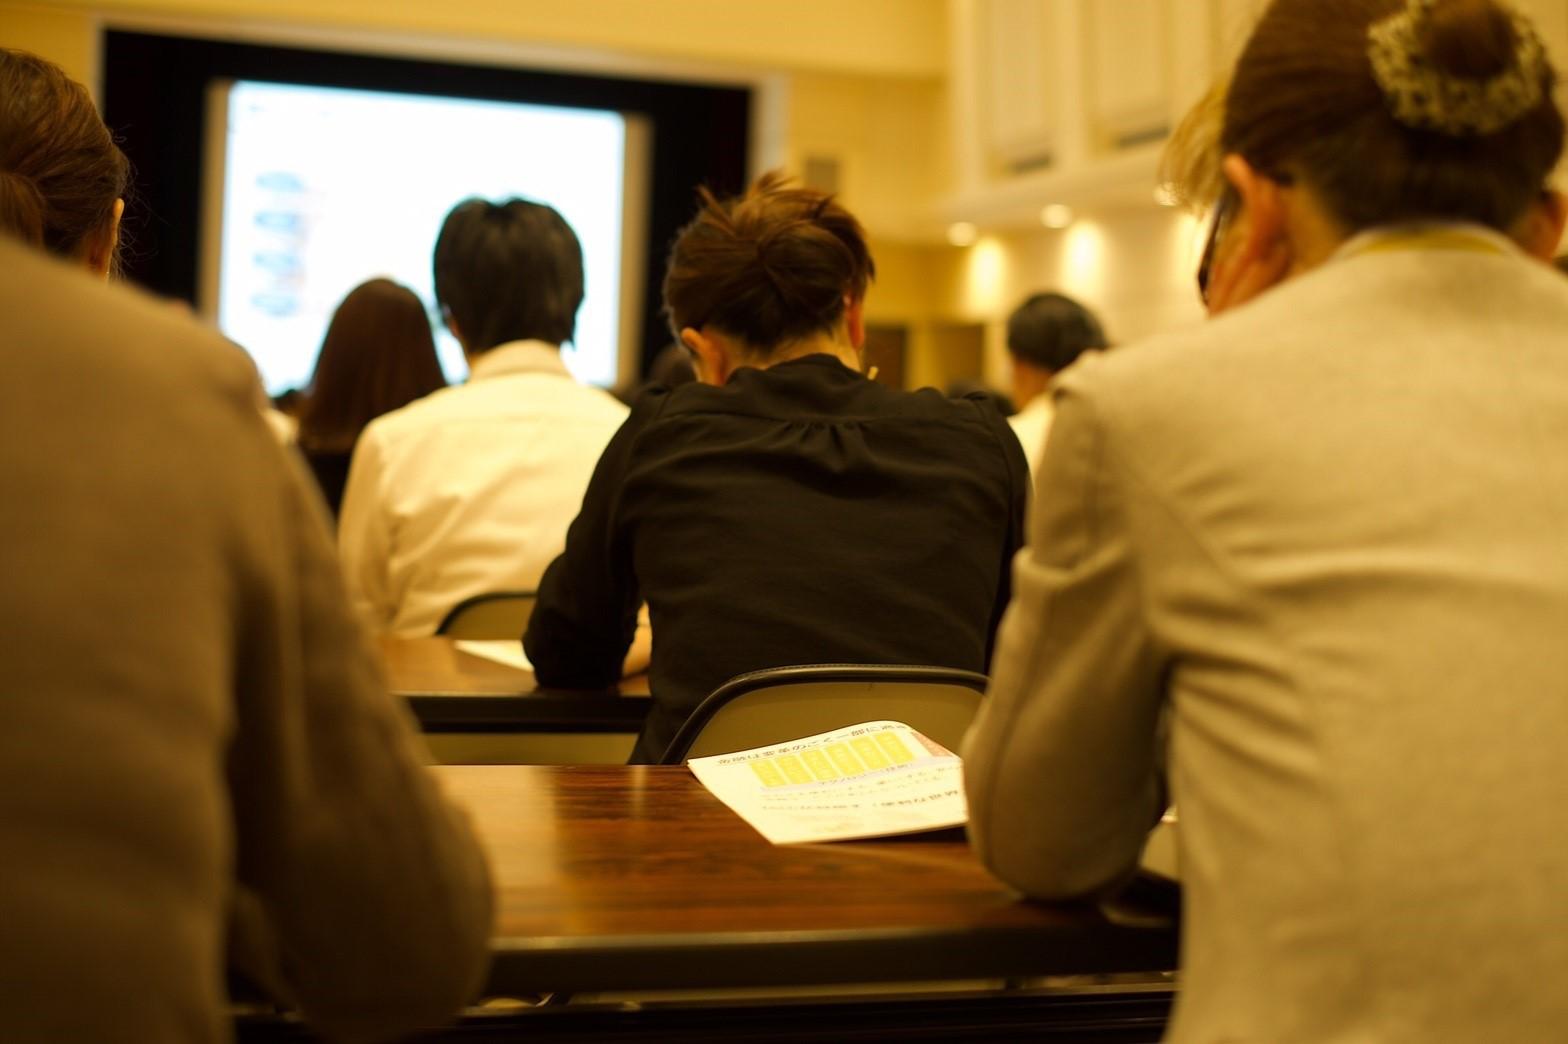 【キャッシュレス社会へ向けて】今知っておきたい「フィンテック勉強会」を開催しました!